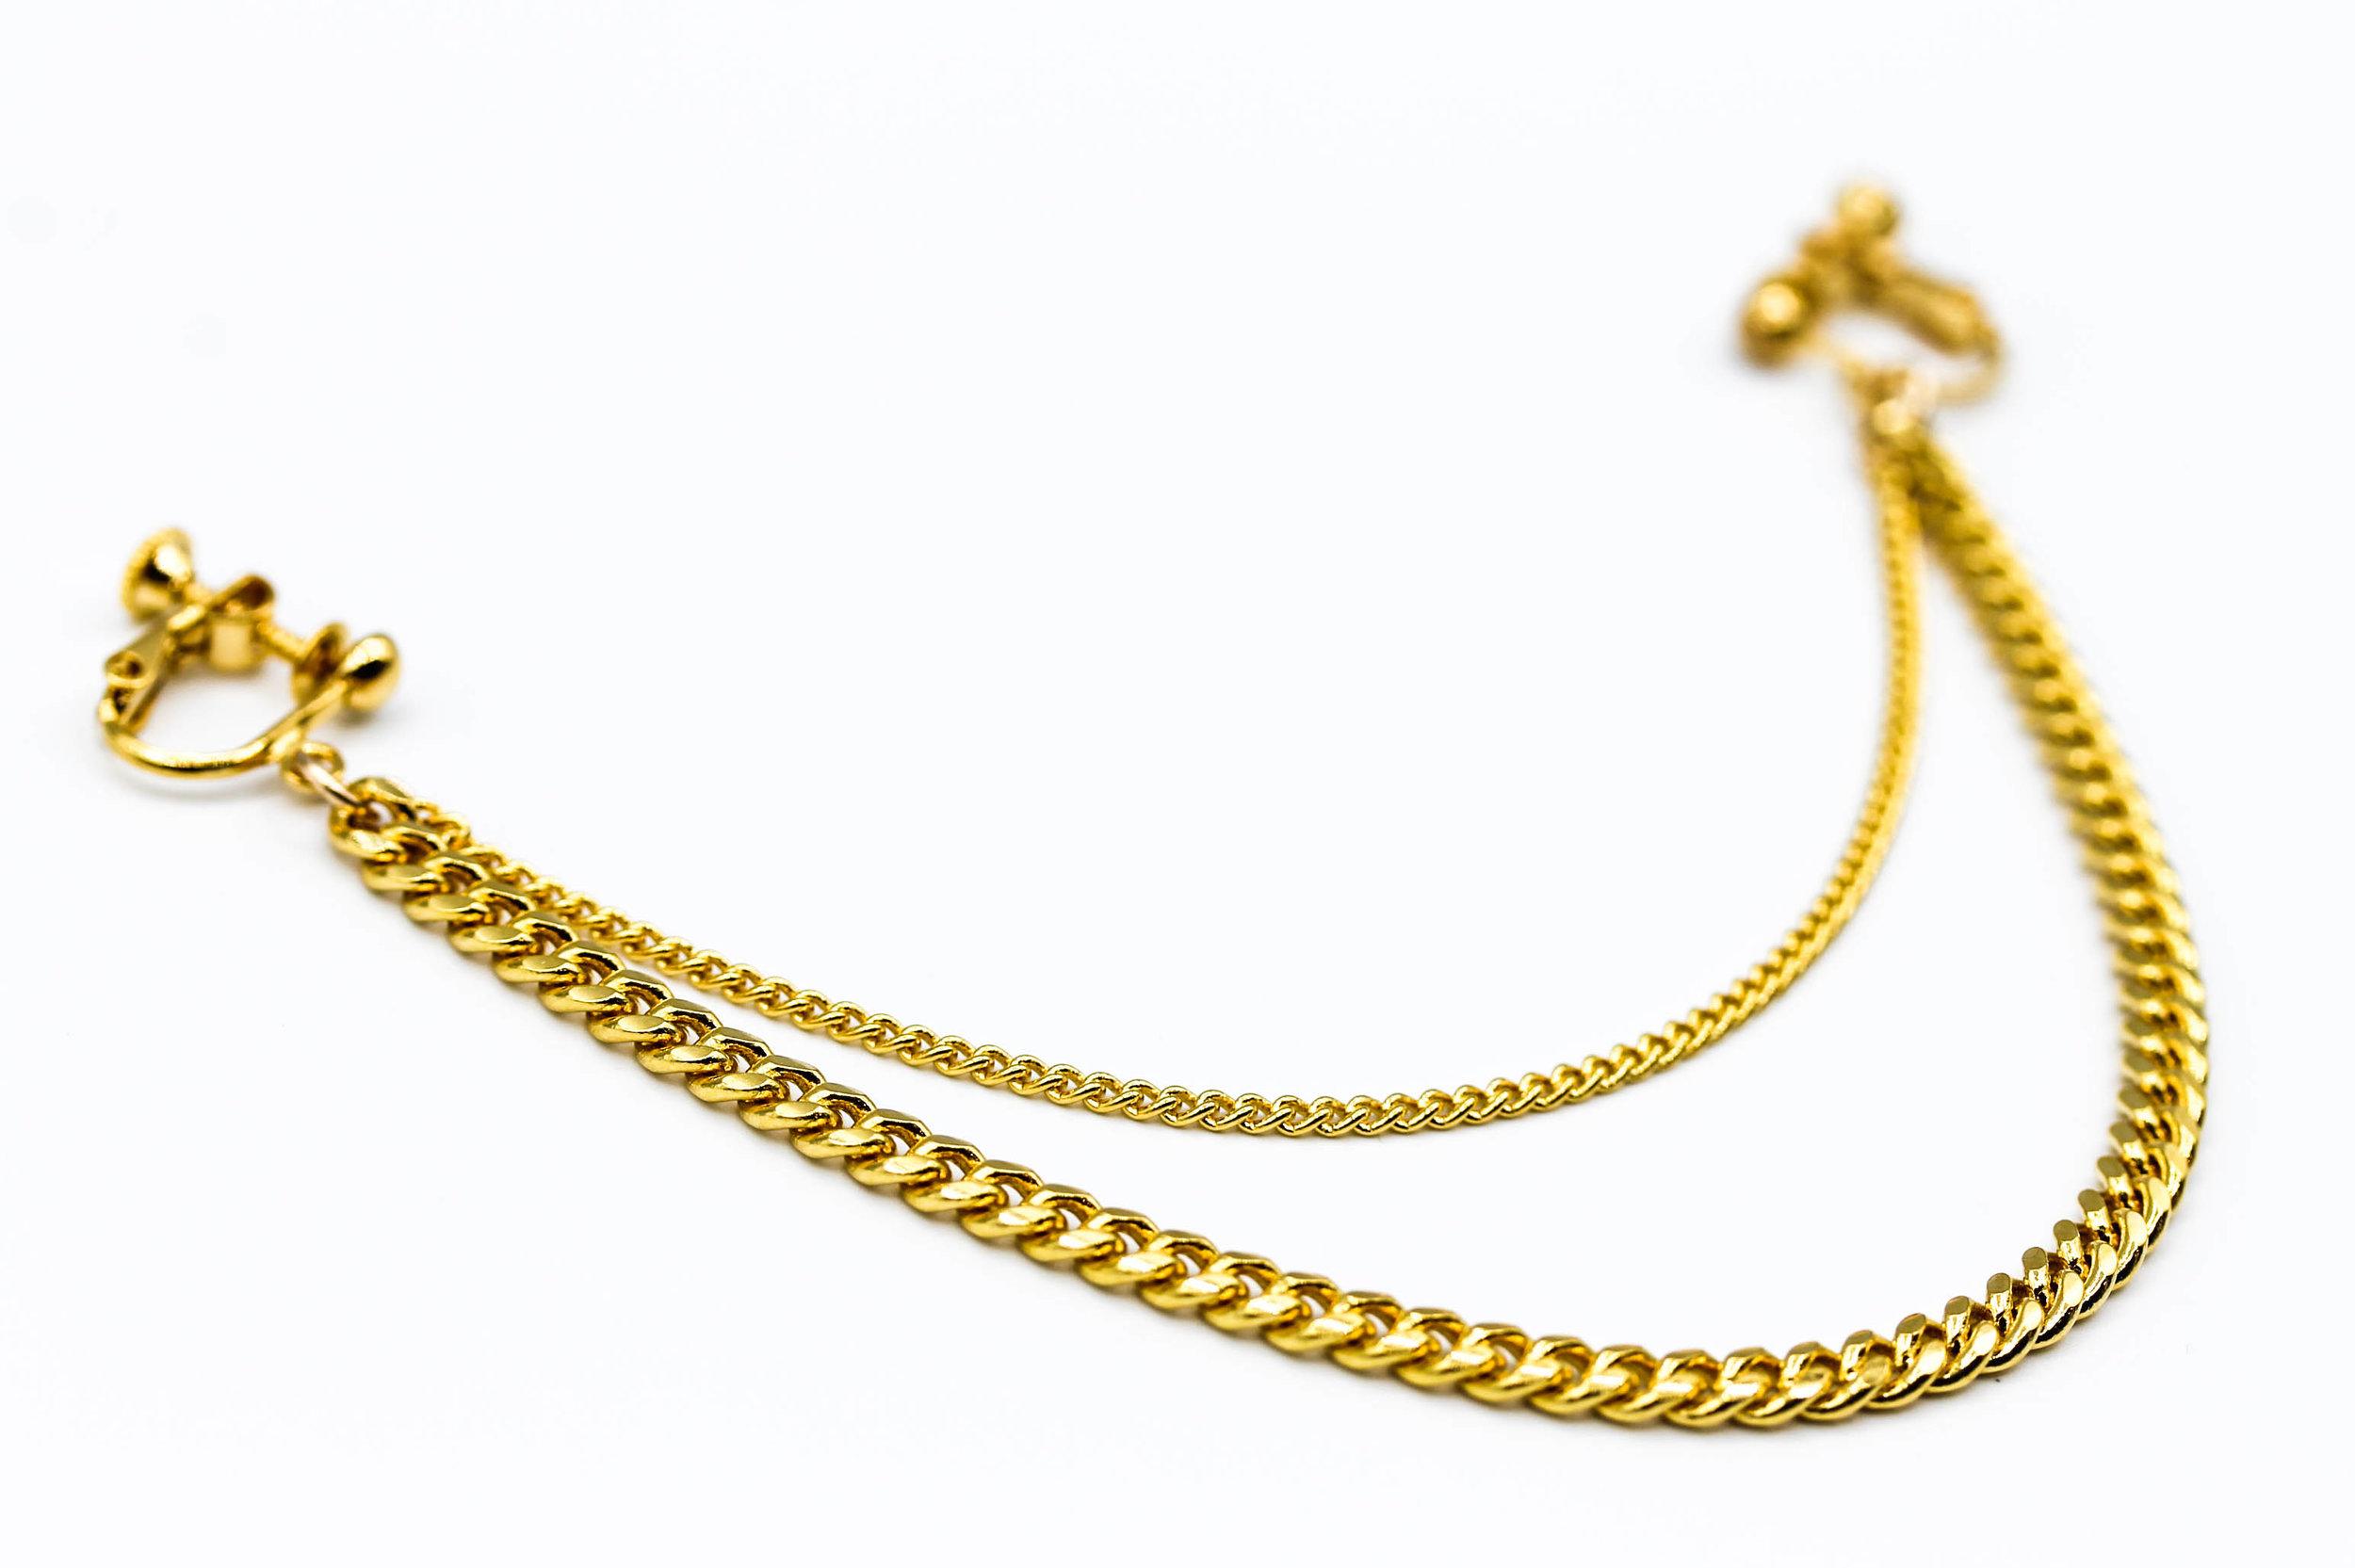 GOLD COLLAR CHAIN I